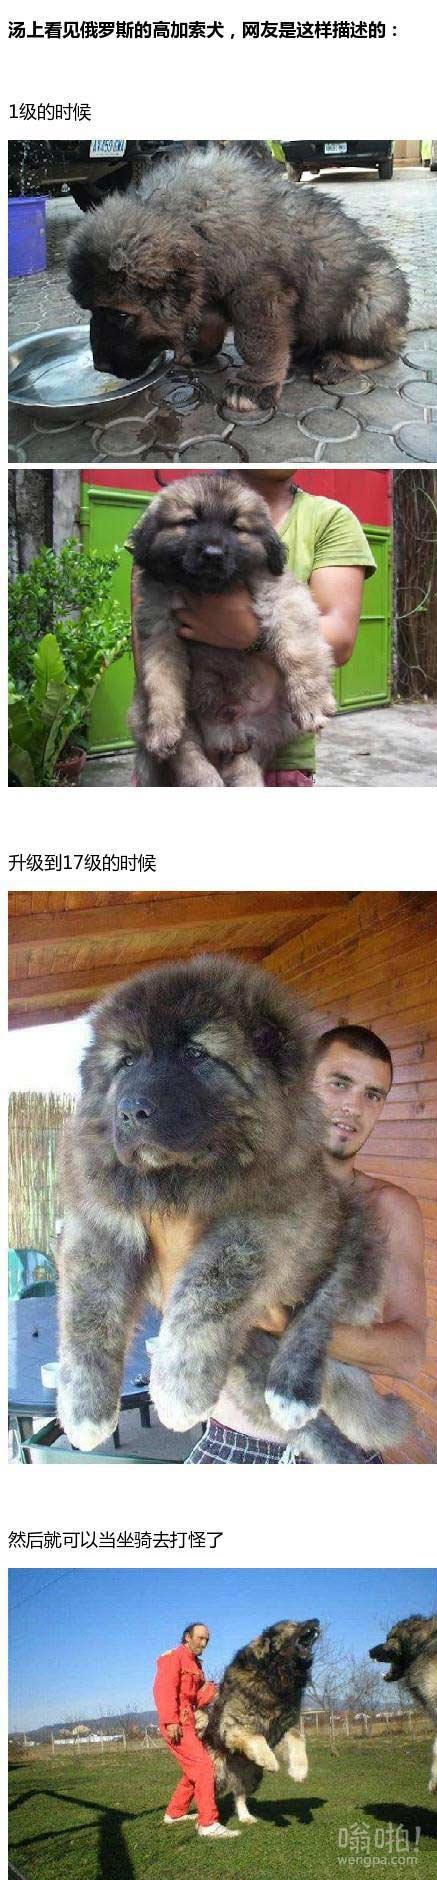 俄罗斯的高加索犬,世界上最大的犬种之一